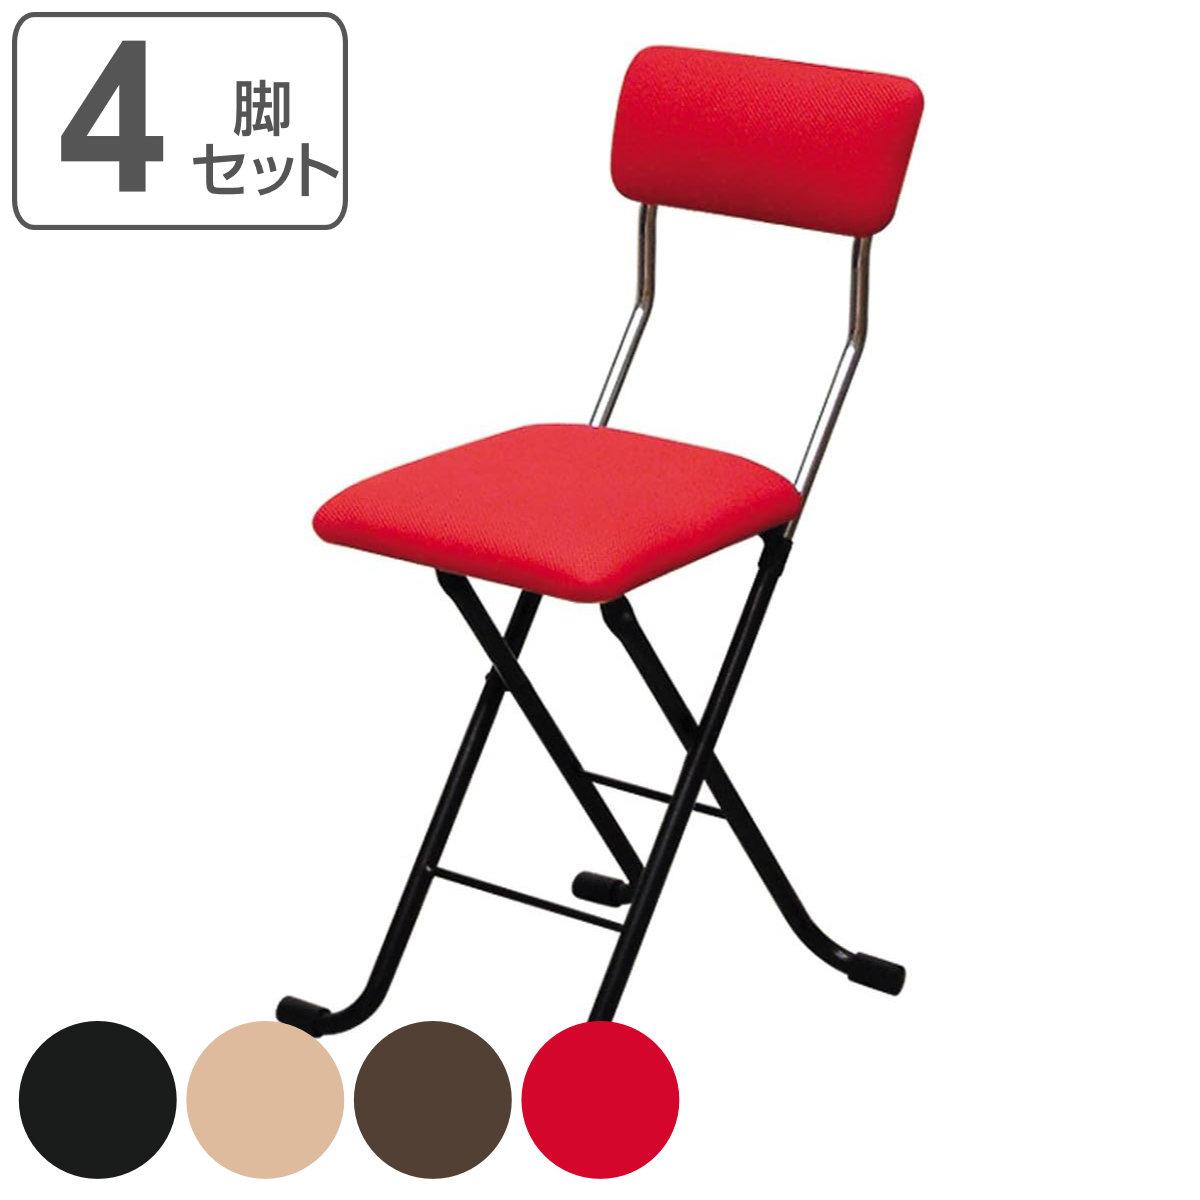 折りたたみ椅子 フォールディングチェア Jメッシュチェア 4脚セット ( 送料無料 椅子 パソコンチェア チェアー 背もたれ付き パイプ椅子 イス )